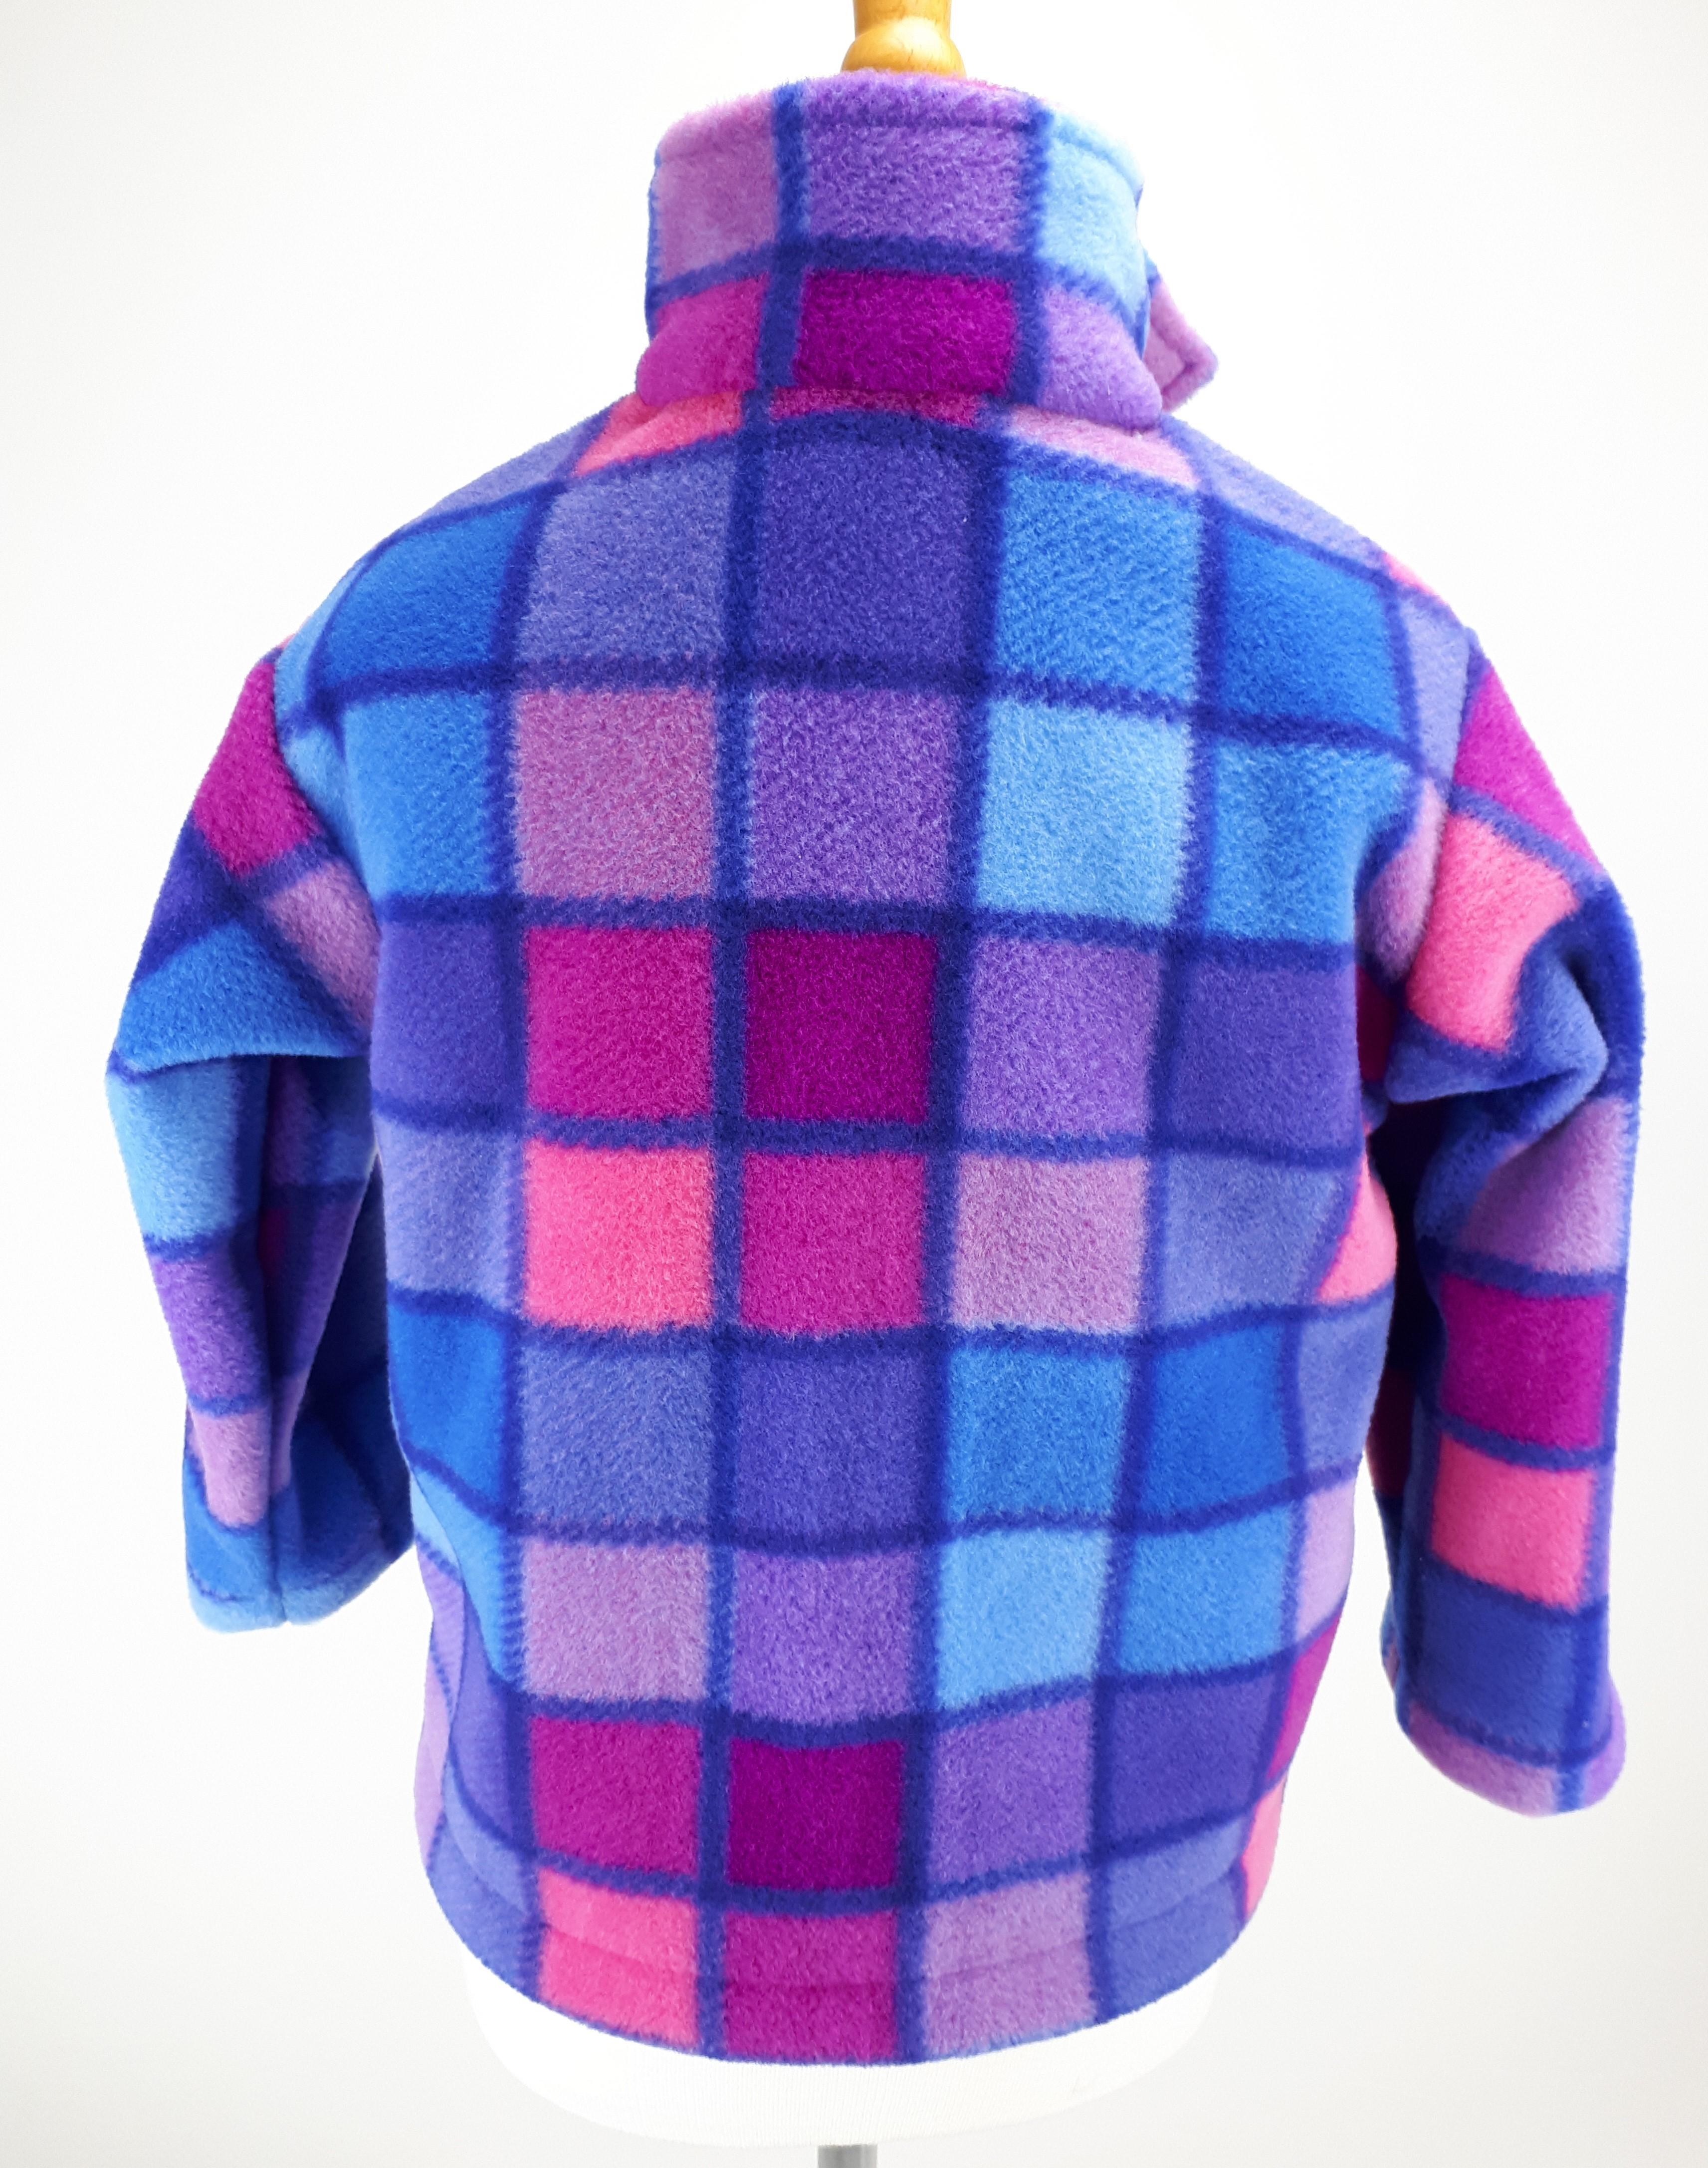 Pink Squares Jacket